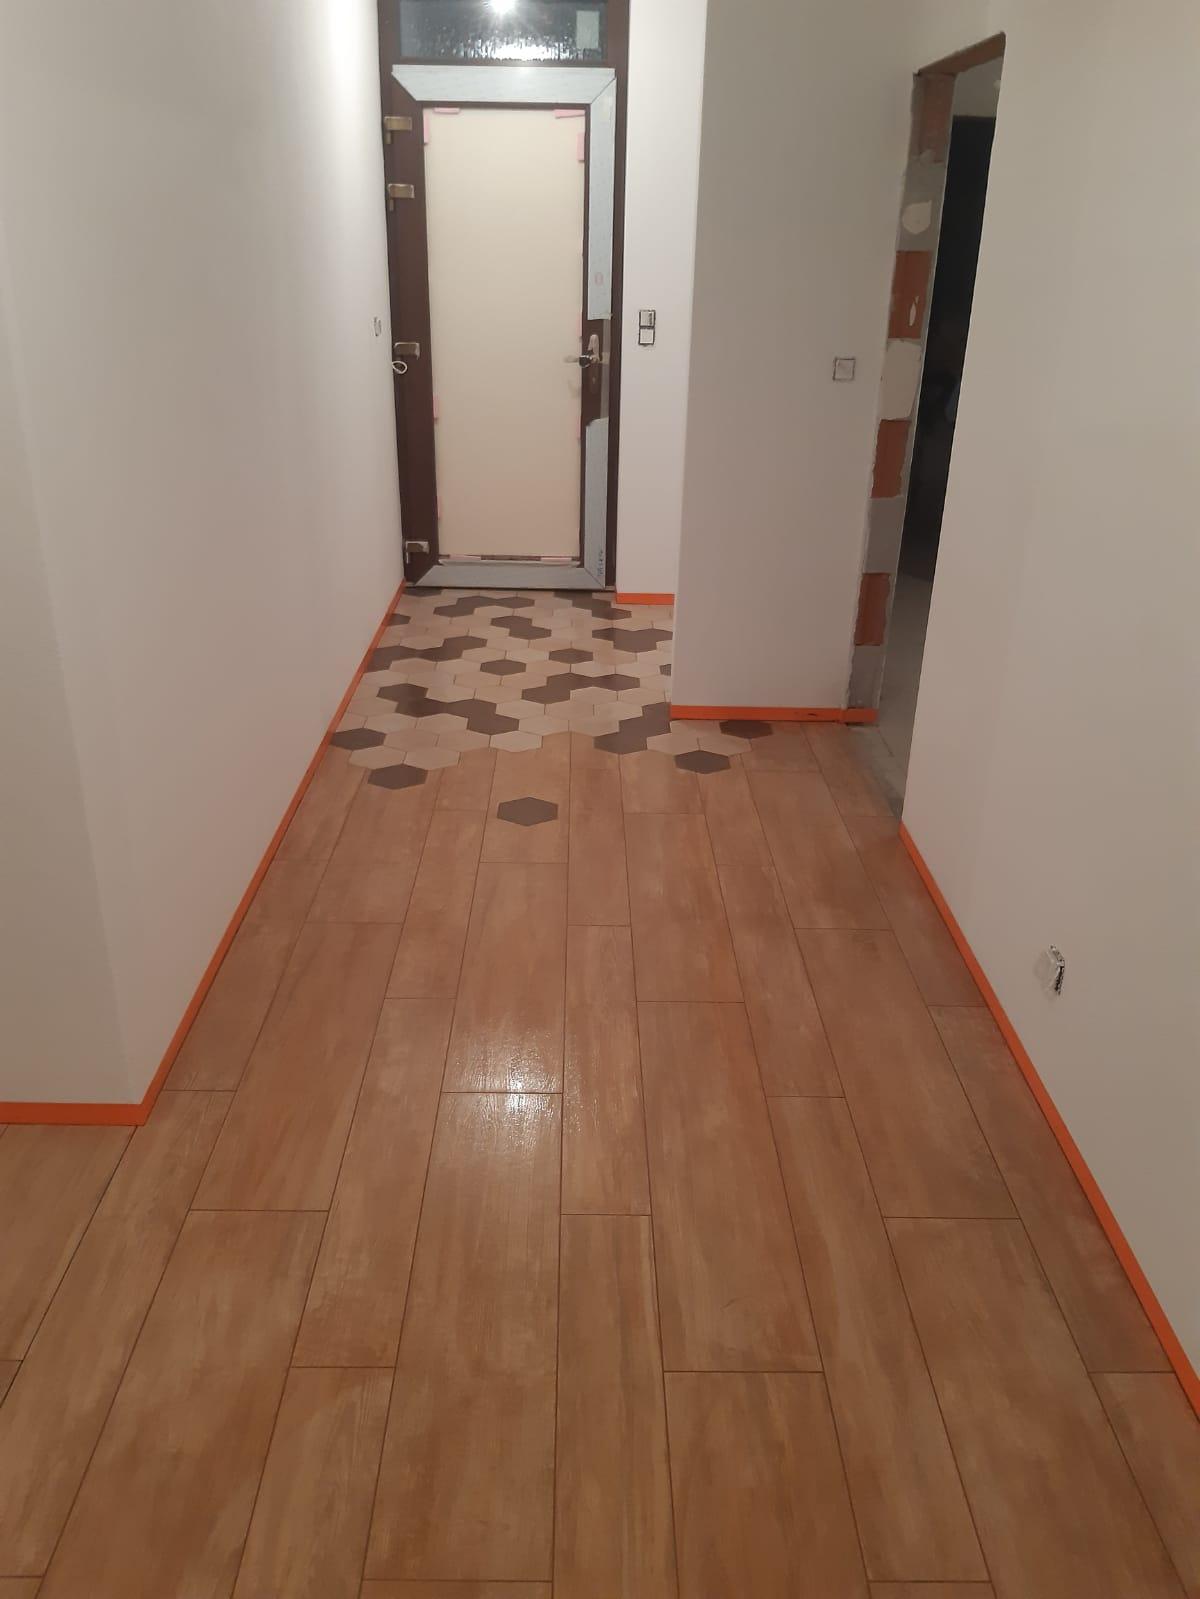 Tak aj my sme trošku pokročili. . Dnes som maľovala stenu v spálni  😅 . Budúci týždeň už bude dúfam kuchyňa.  Ešte kúpeľne a môžeme sa sťahovať - Obrázok č. 3